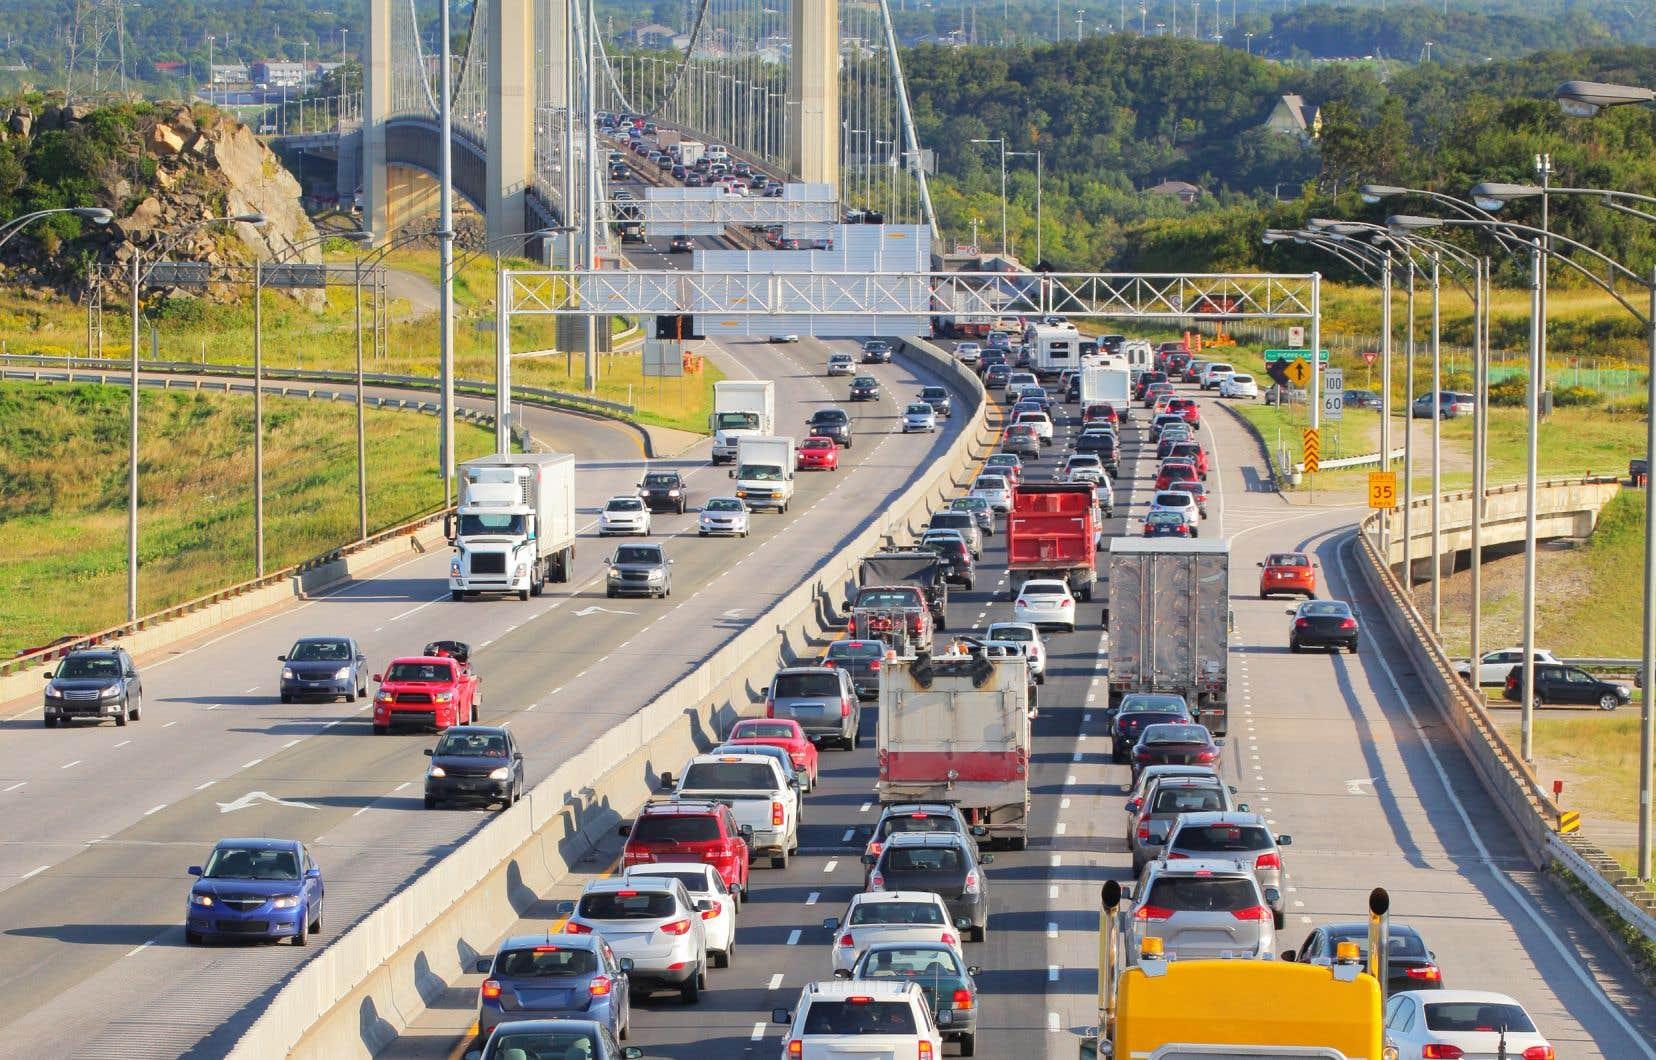 «Il y a véritablement un problème général de circulation routière, de mobilité de déplacement et d'engorgement entre les deux rives du fleuve Saint-Laurent dans la région de Québec», estime l'auteur.